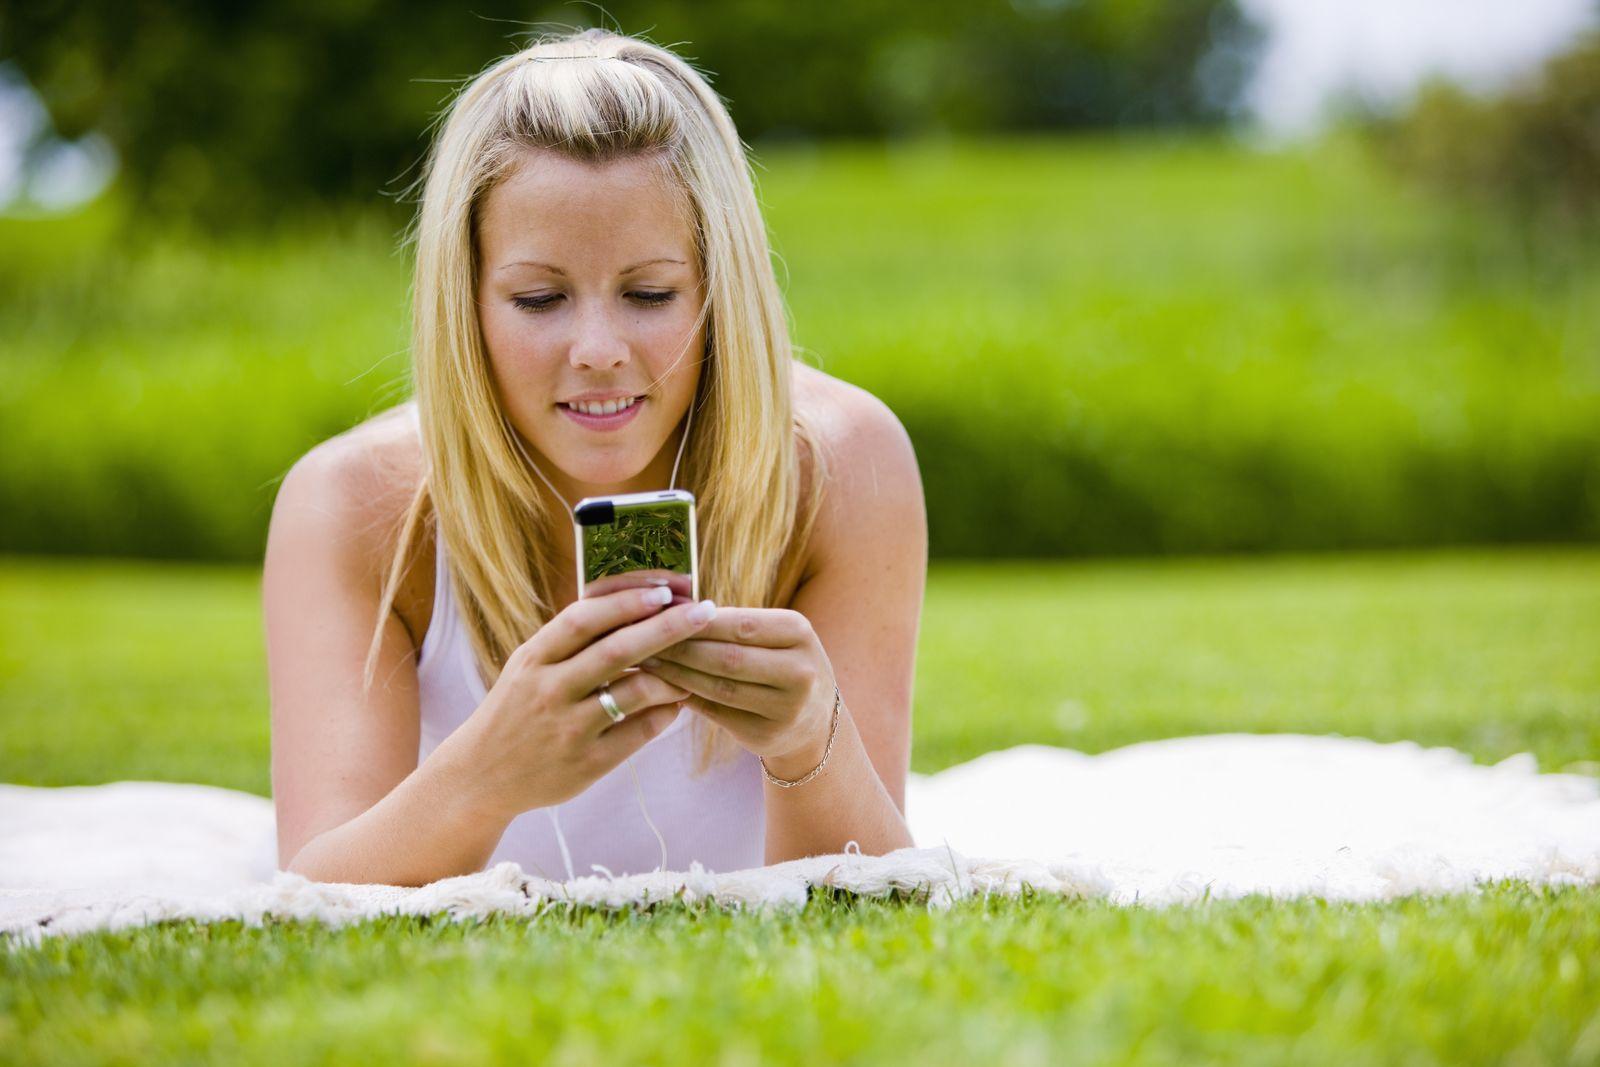 NICHT MEHR VERWENDEN! - Smartphone / iPhone / Handy / SMS